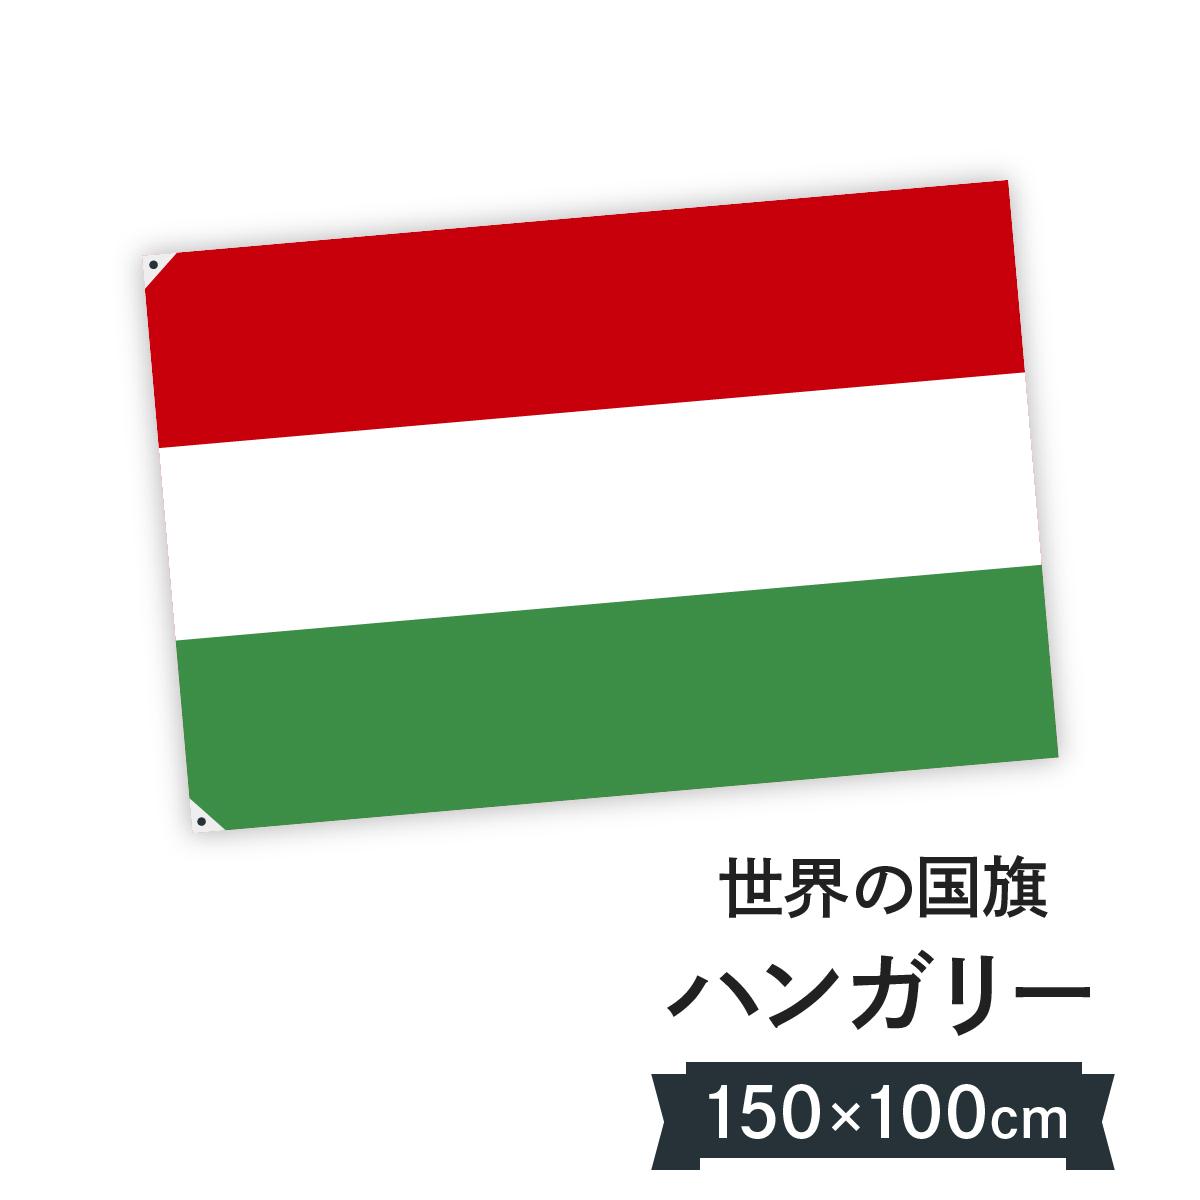 ハンガリー 国旗 W150cm H100cm